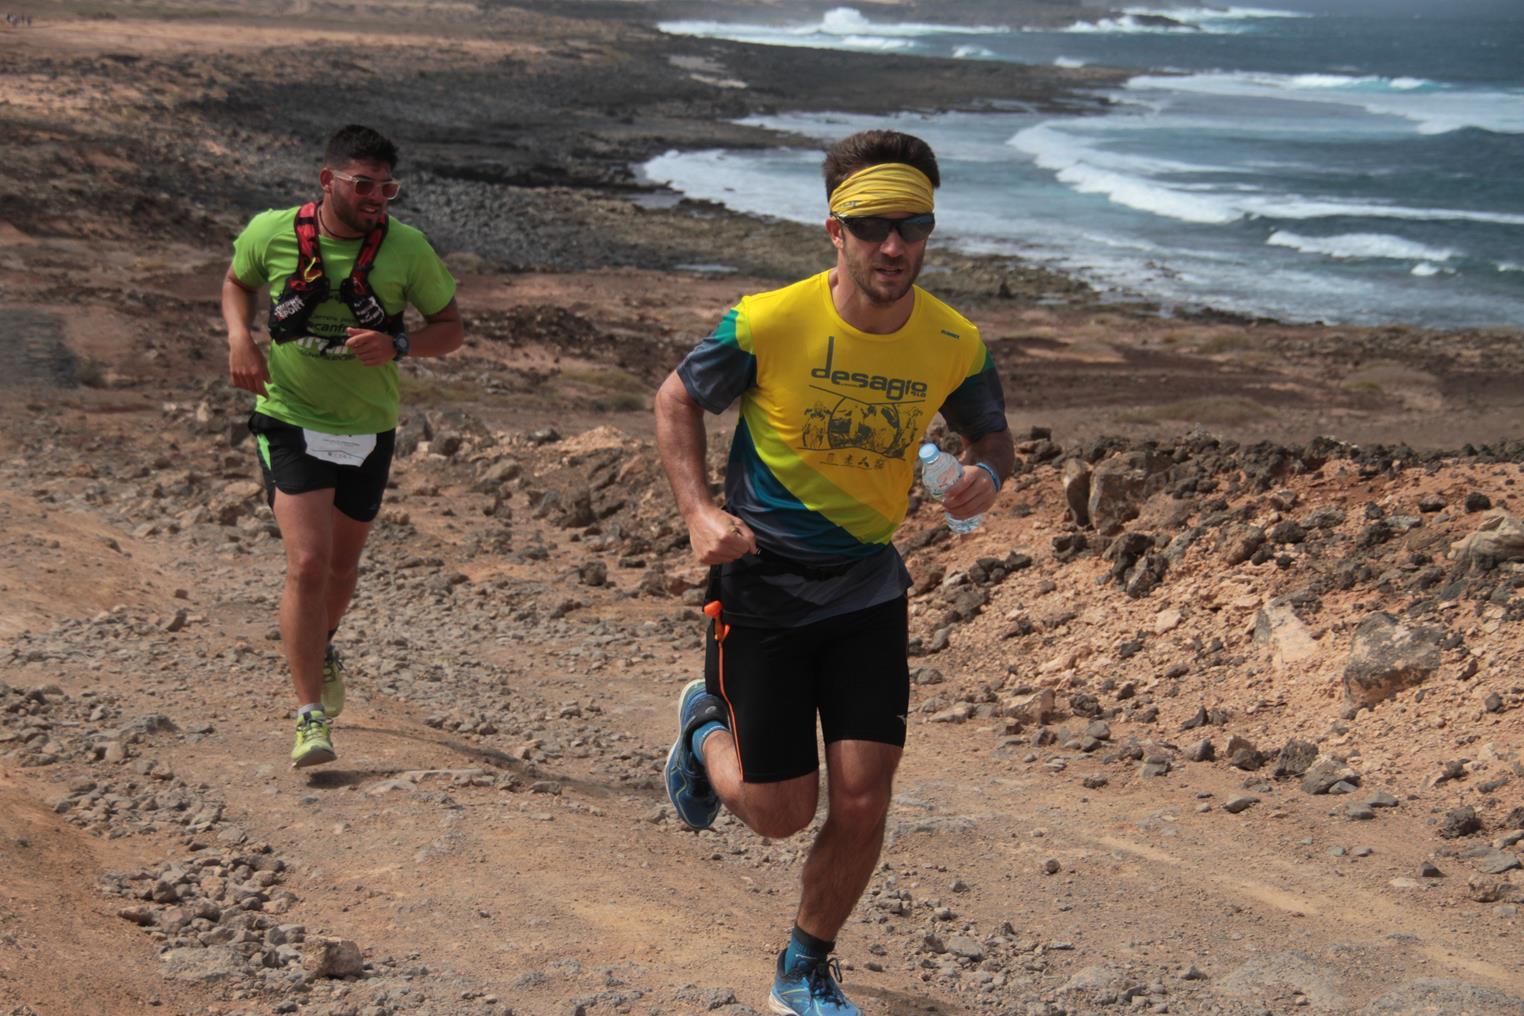 Desafio-Trail-326